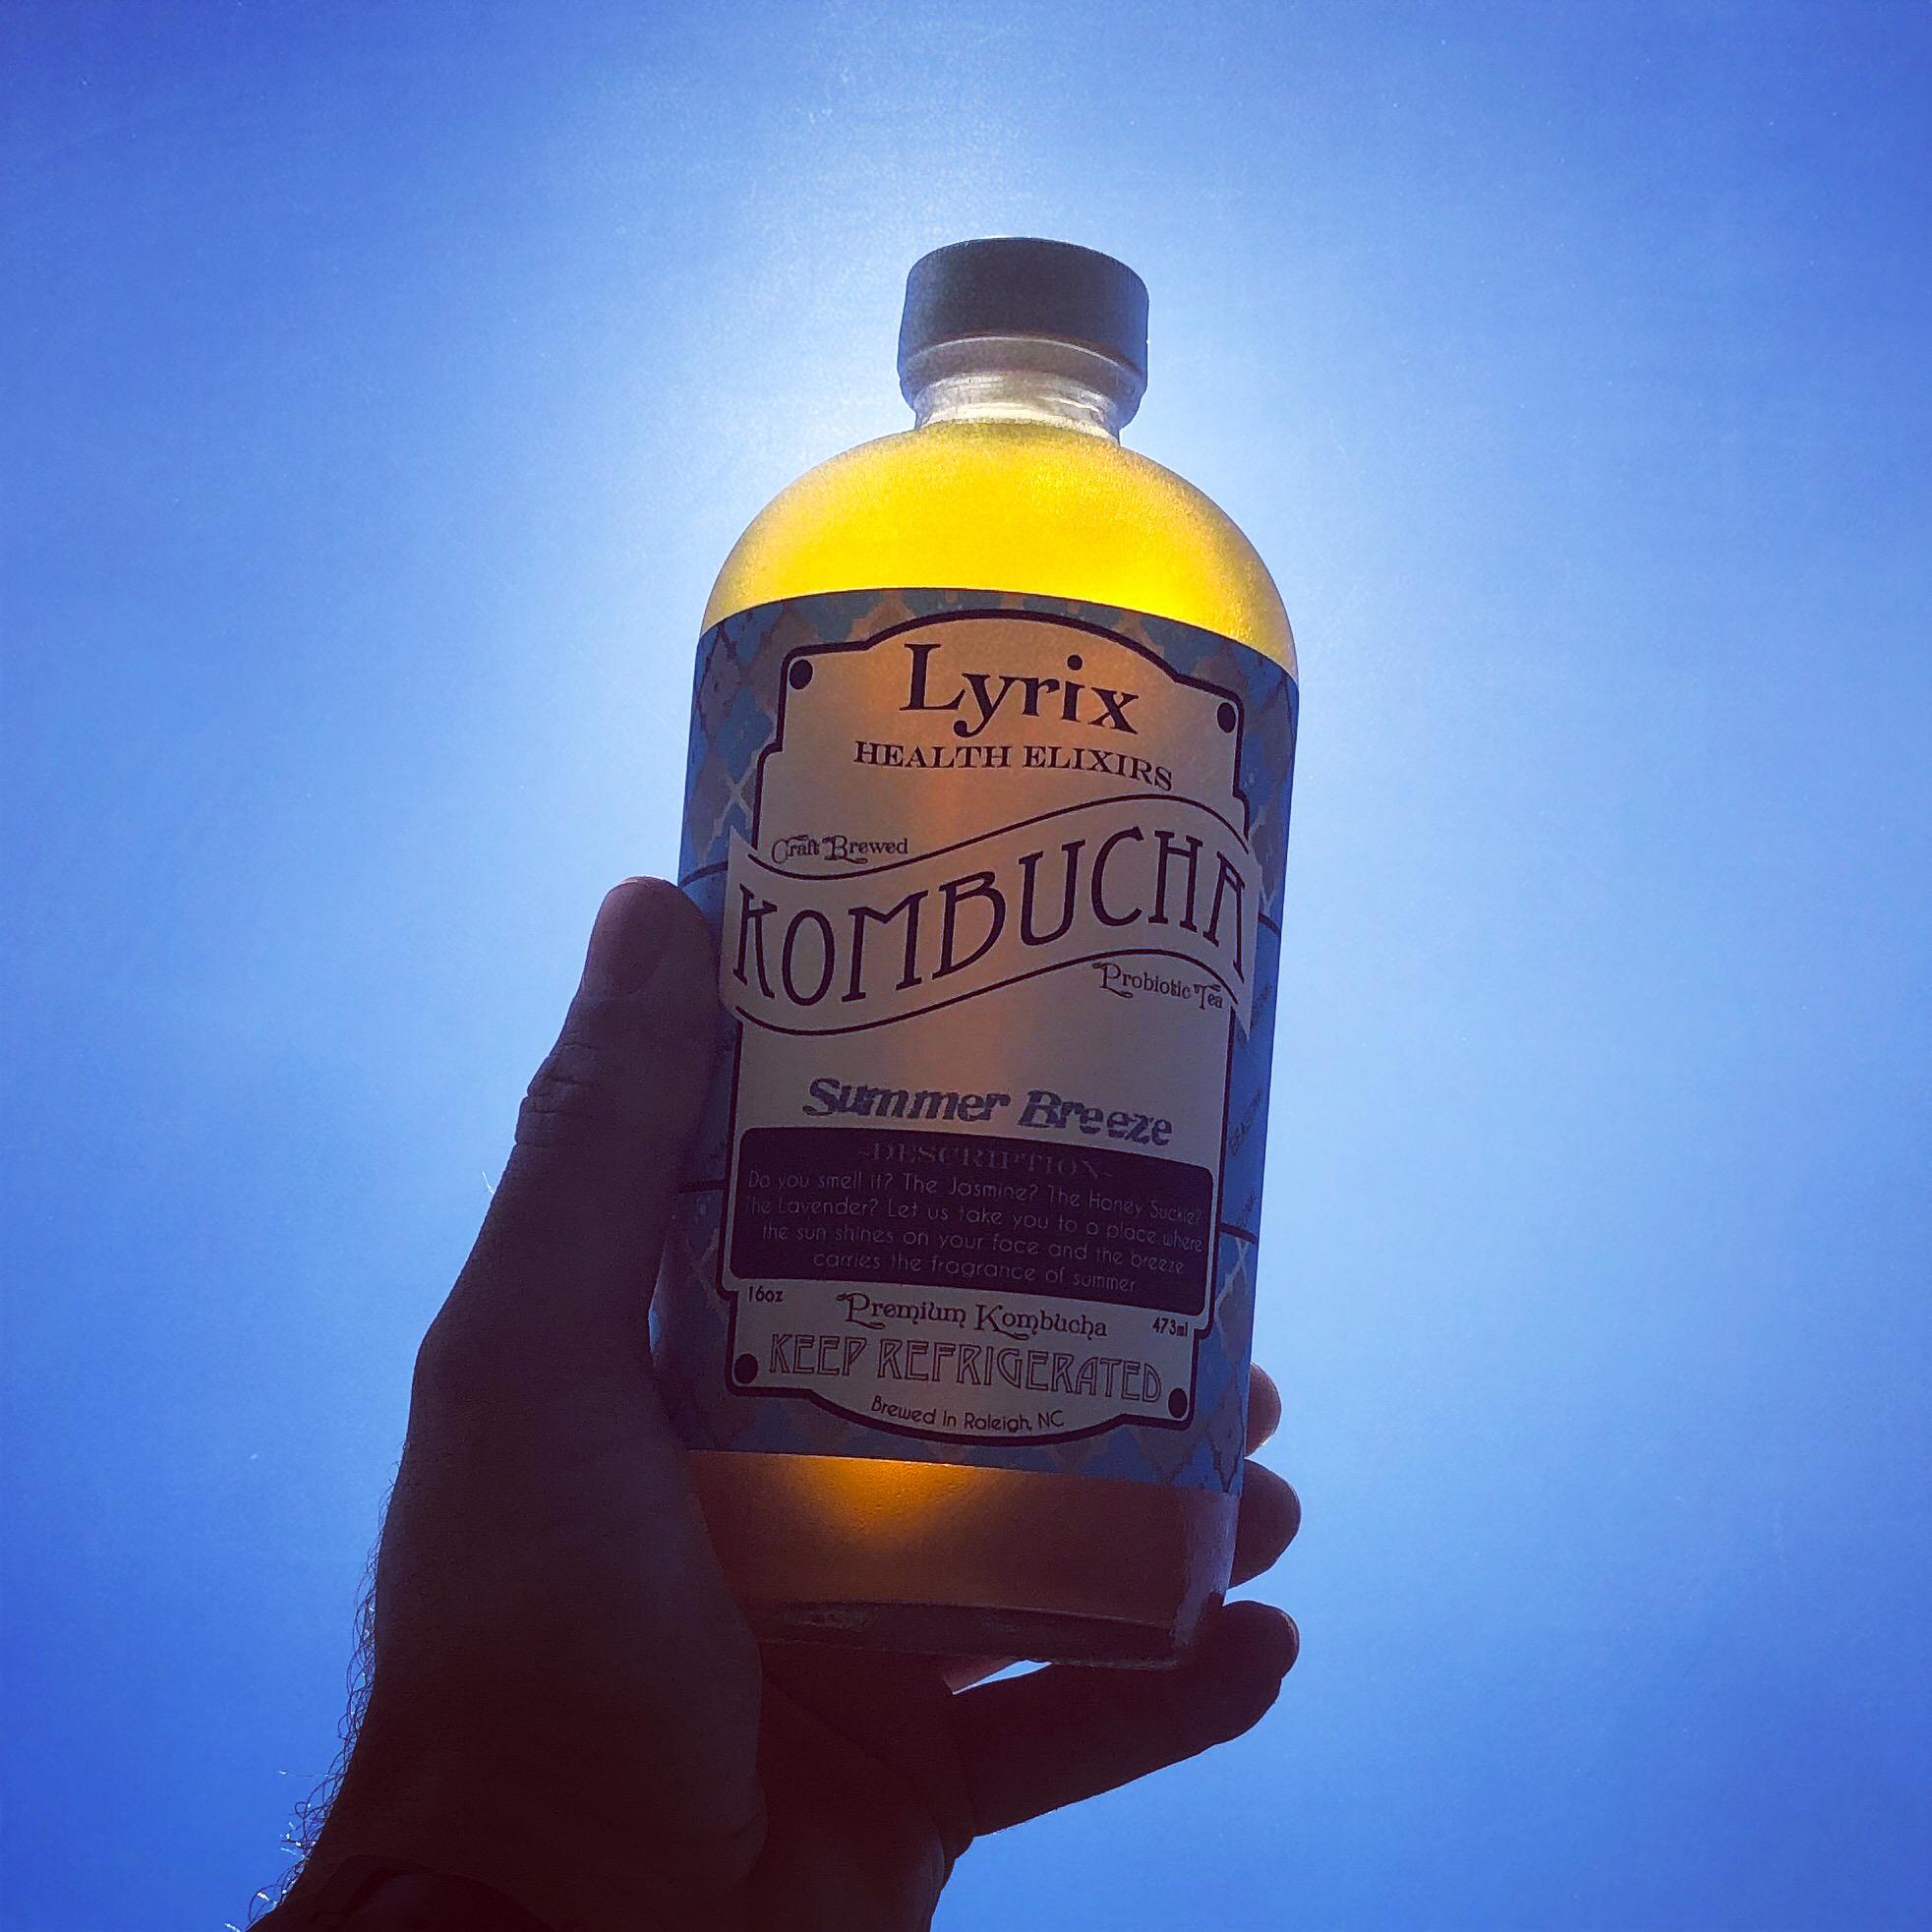 Taste the summer!